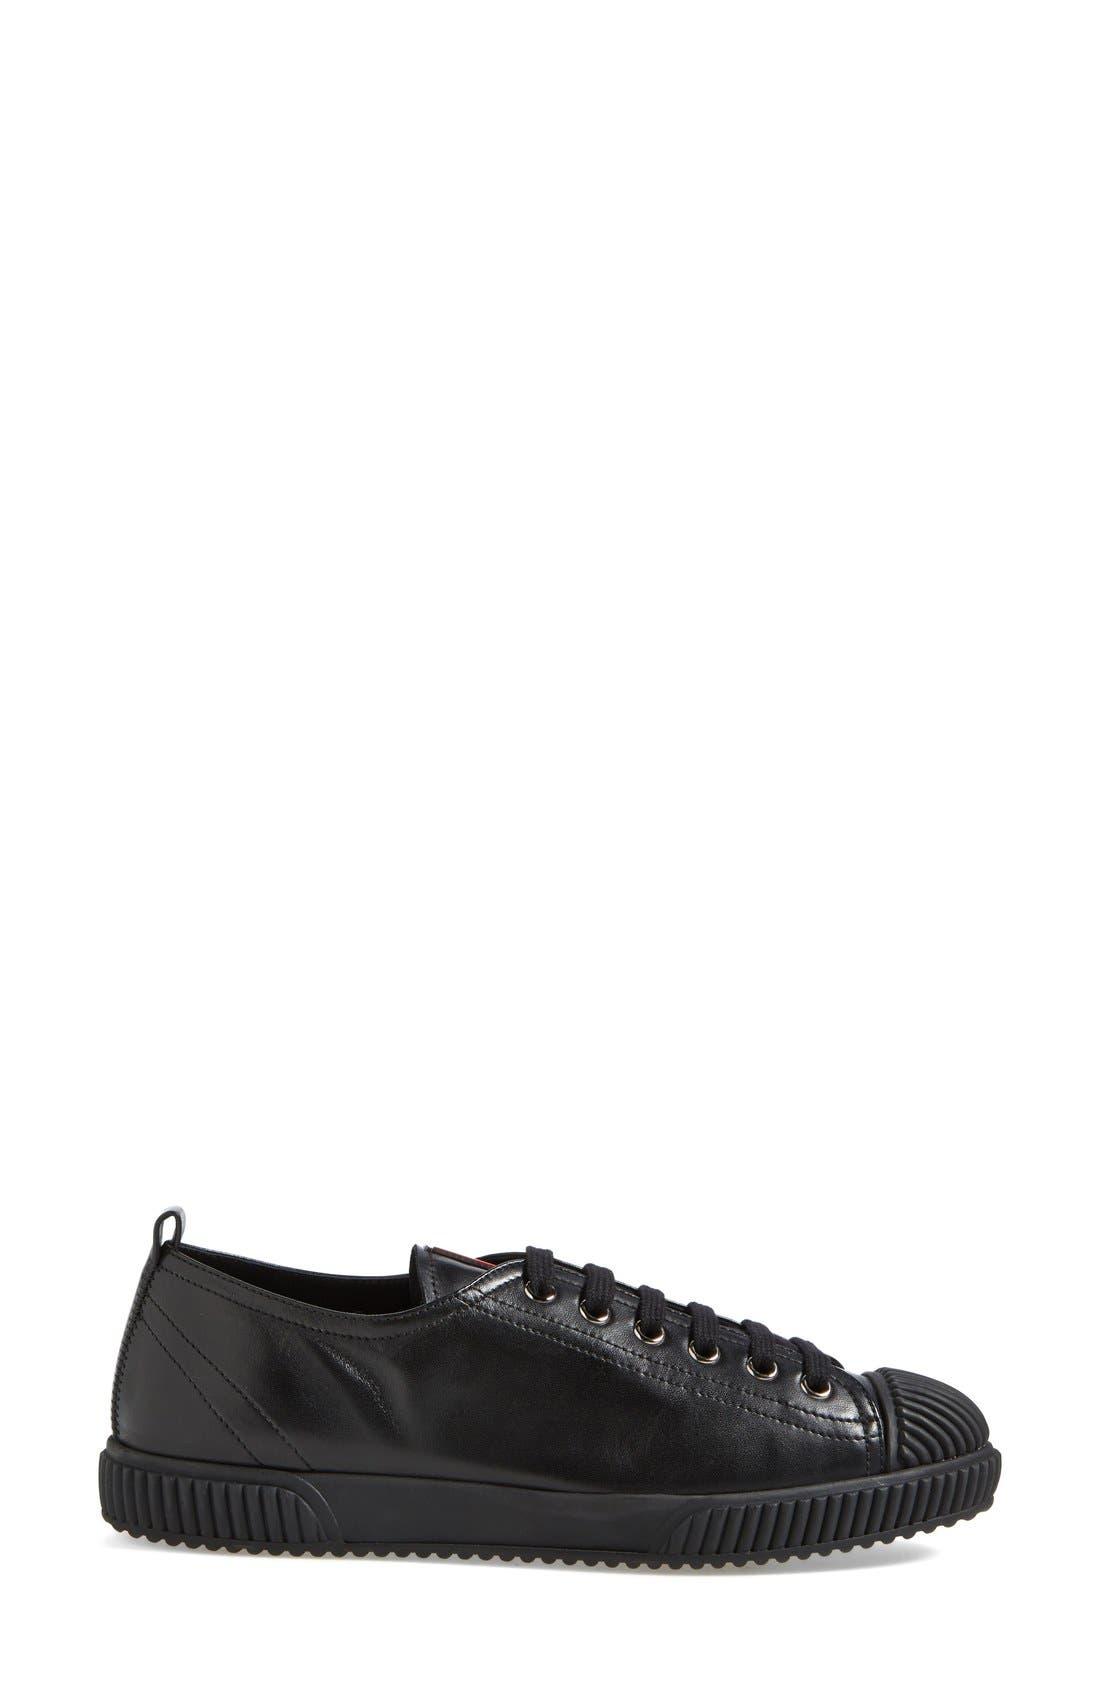 PRADA, Cap Toe Sneaker, Alternate thumbnail 3, color, 001